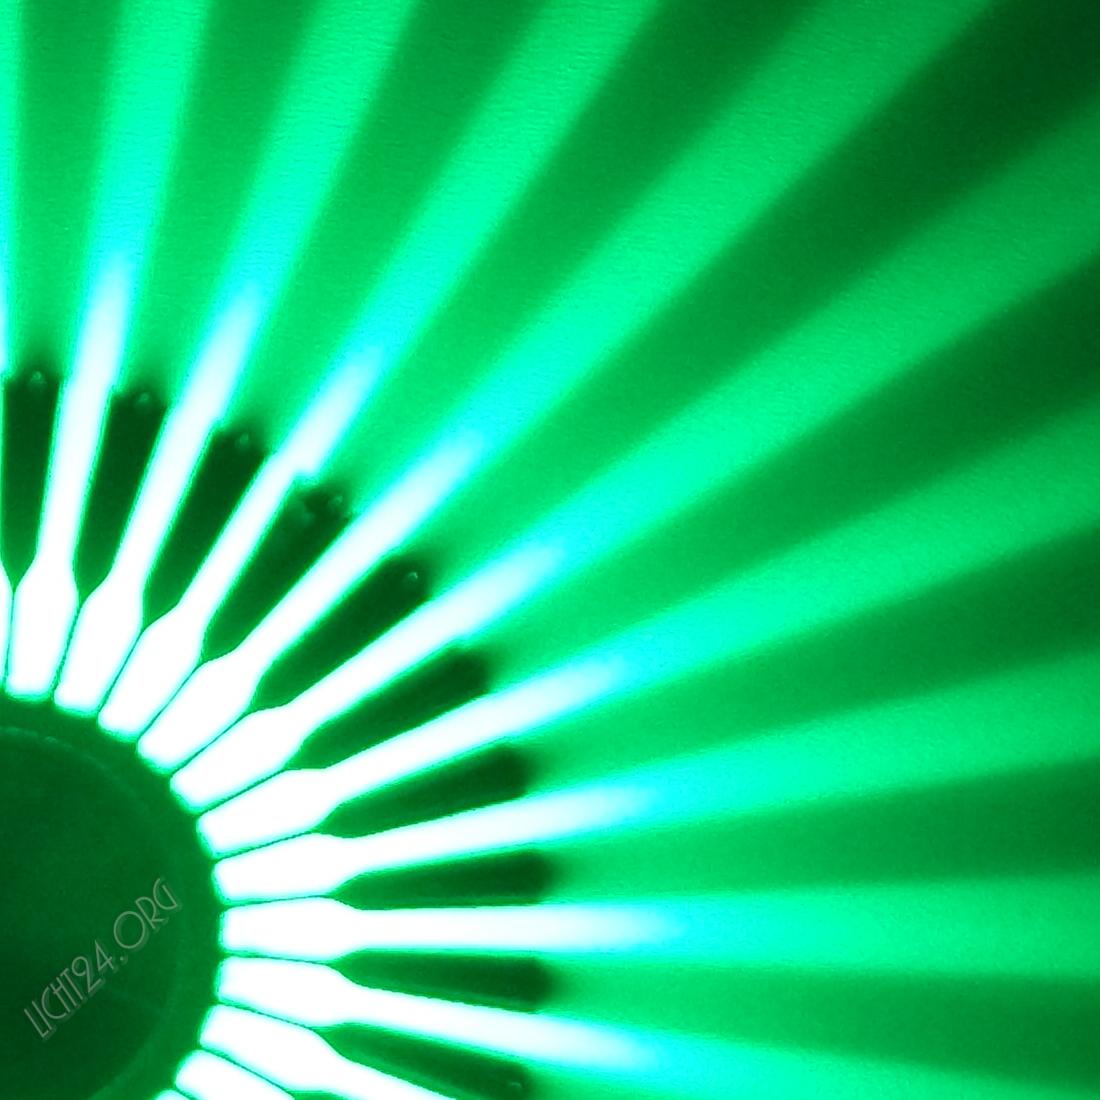 Led Wandstrahler Stripes : Details zu LED Wandstrahler STRIPES grün Wandleuchte DesignStrahle r